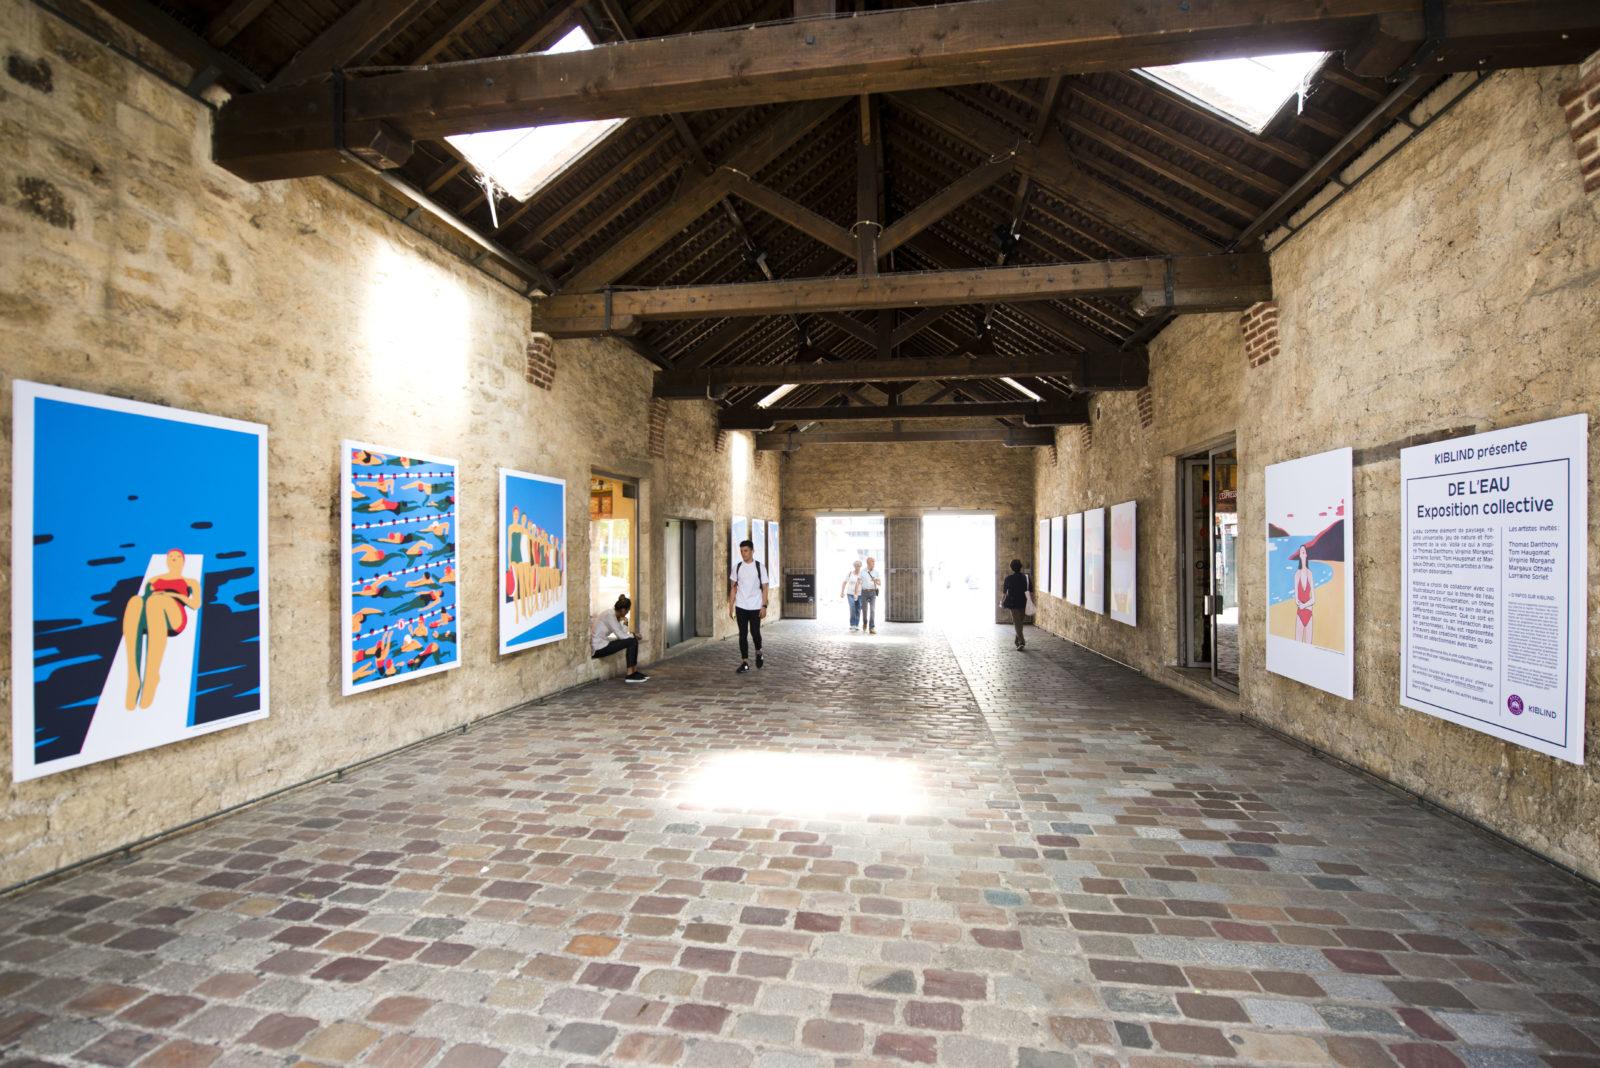 Kiblind Hors les murs : exposition «De l'eau»